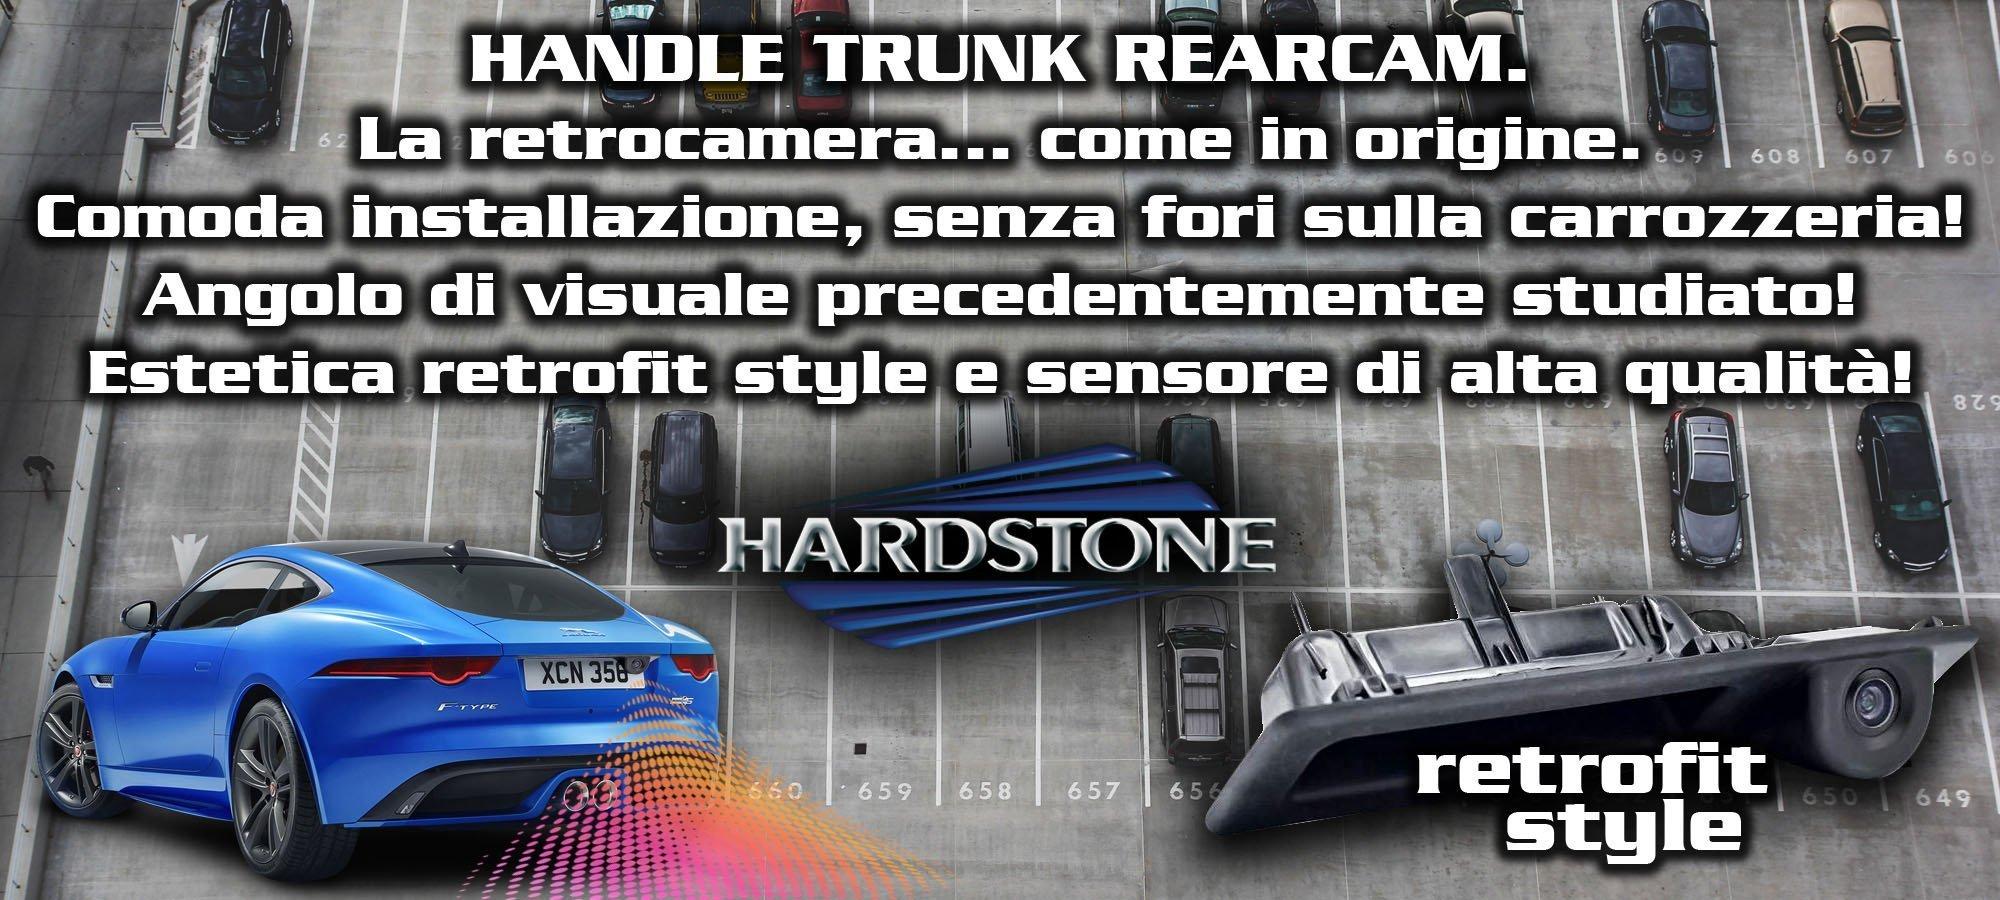 handle trunk rearcamera